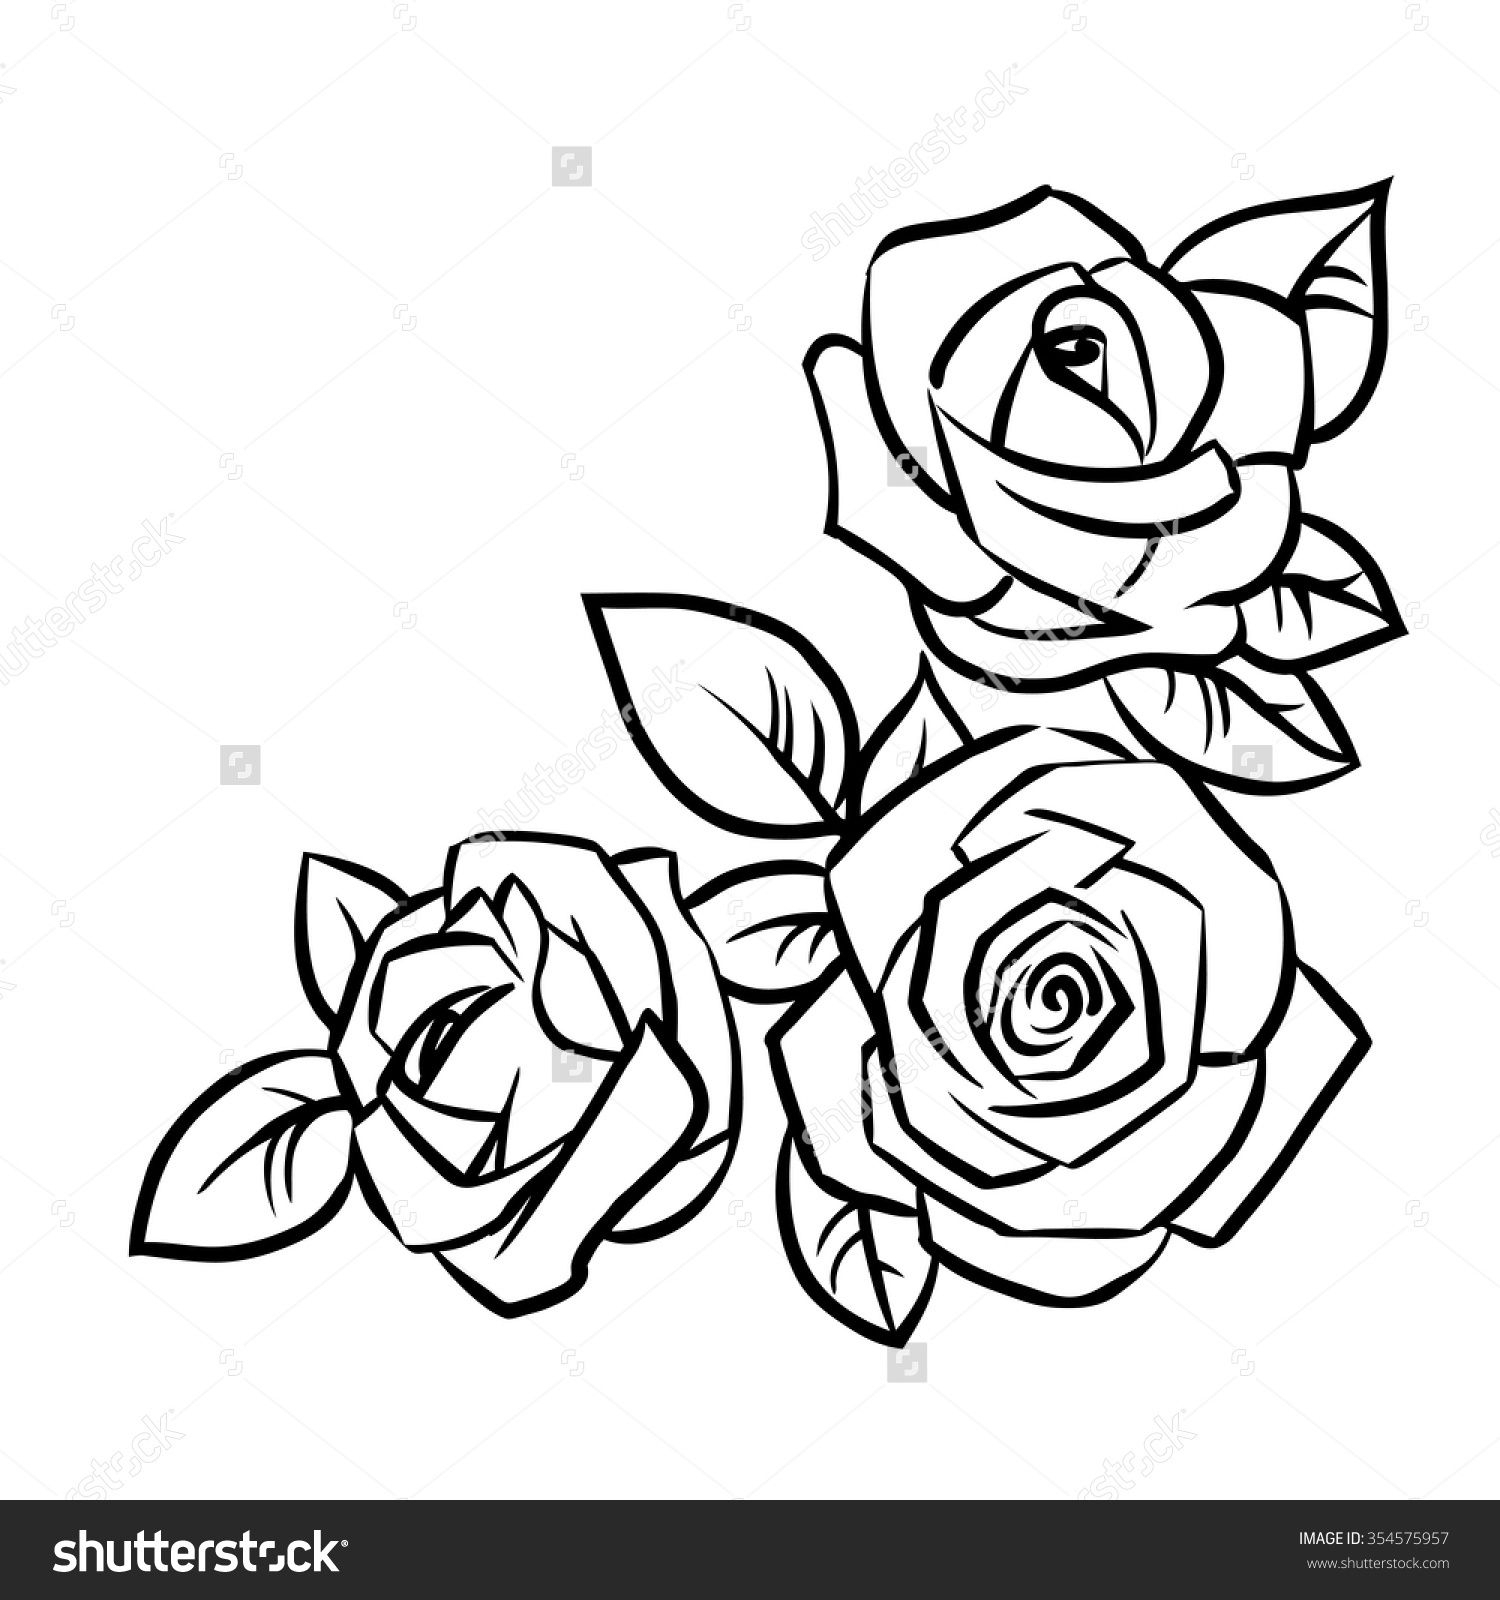 Simple Rose Flower Drawing